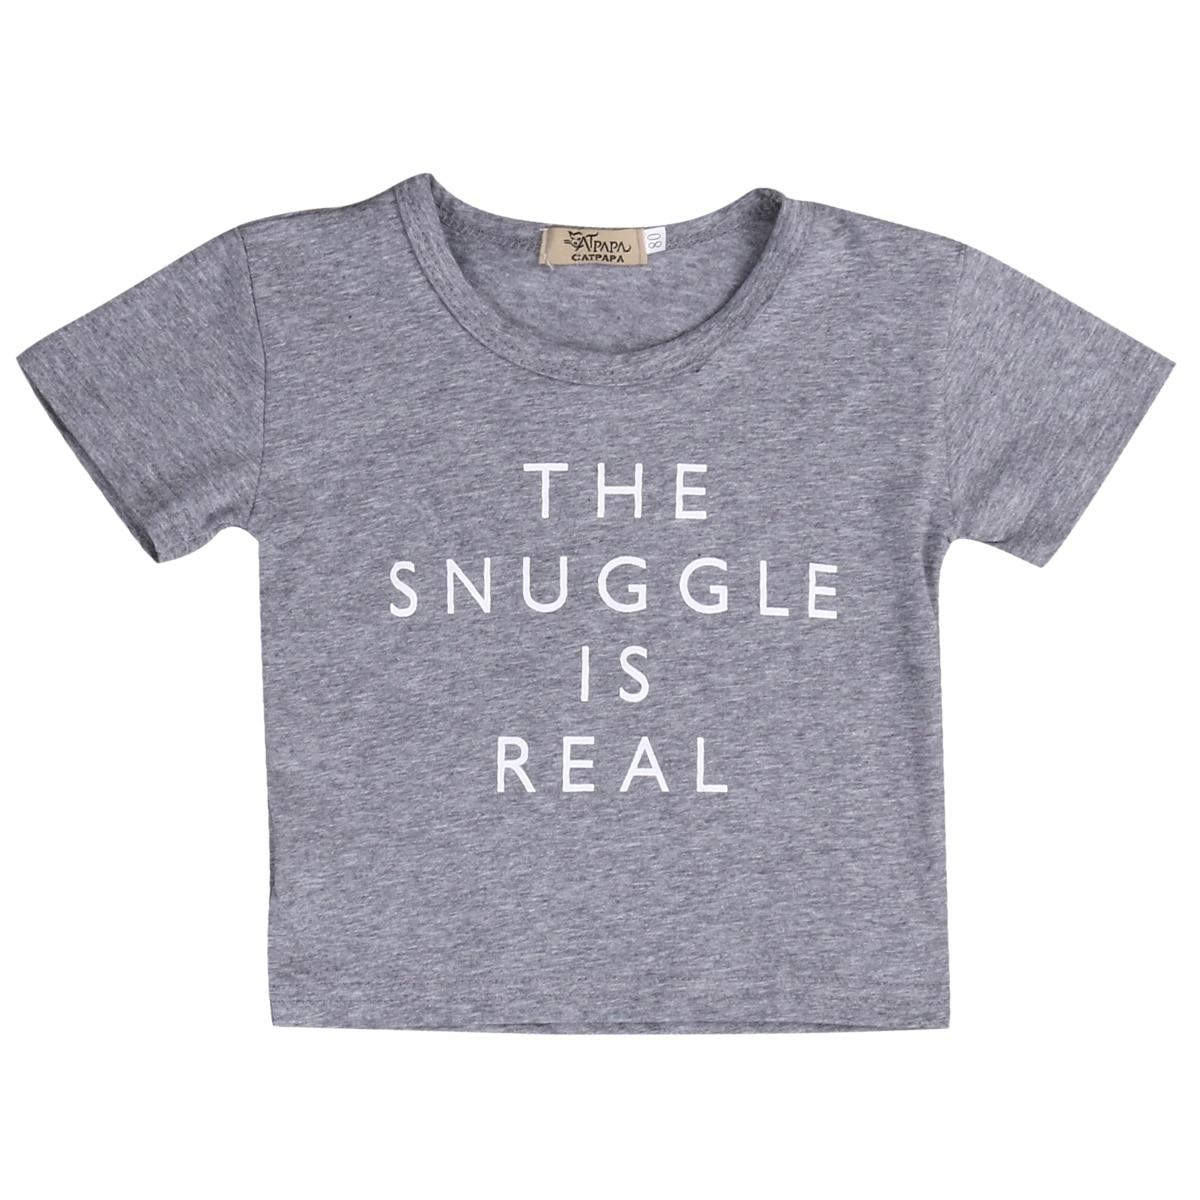 Summer Newborn Kids T Shirt Summer Clothes Baby Boy Girl Cotton Short SleeveT Shirts Outfit Tops Tee